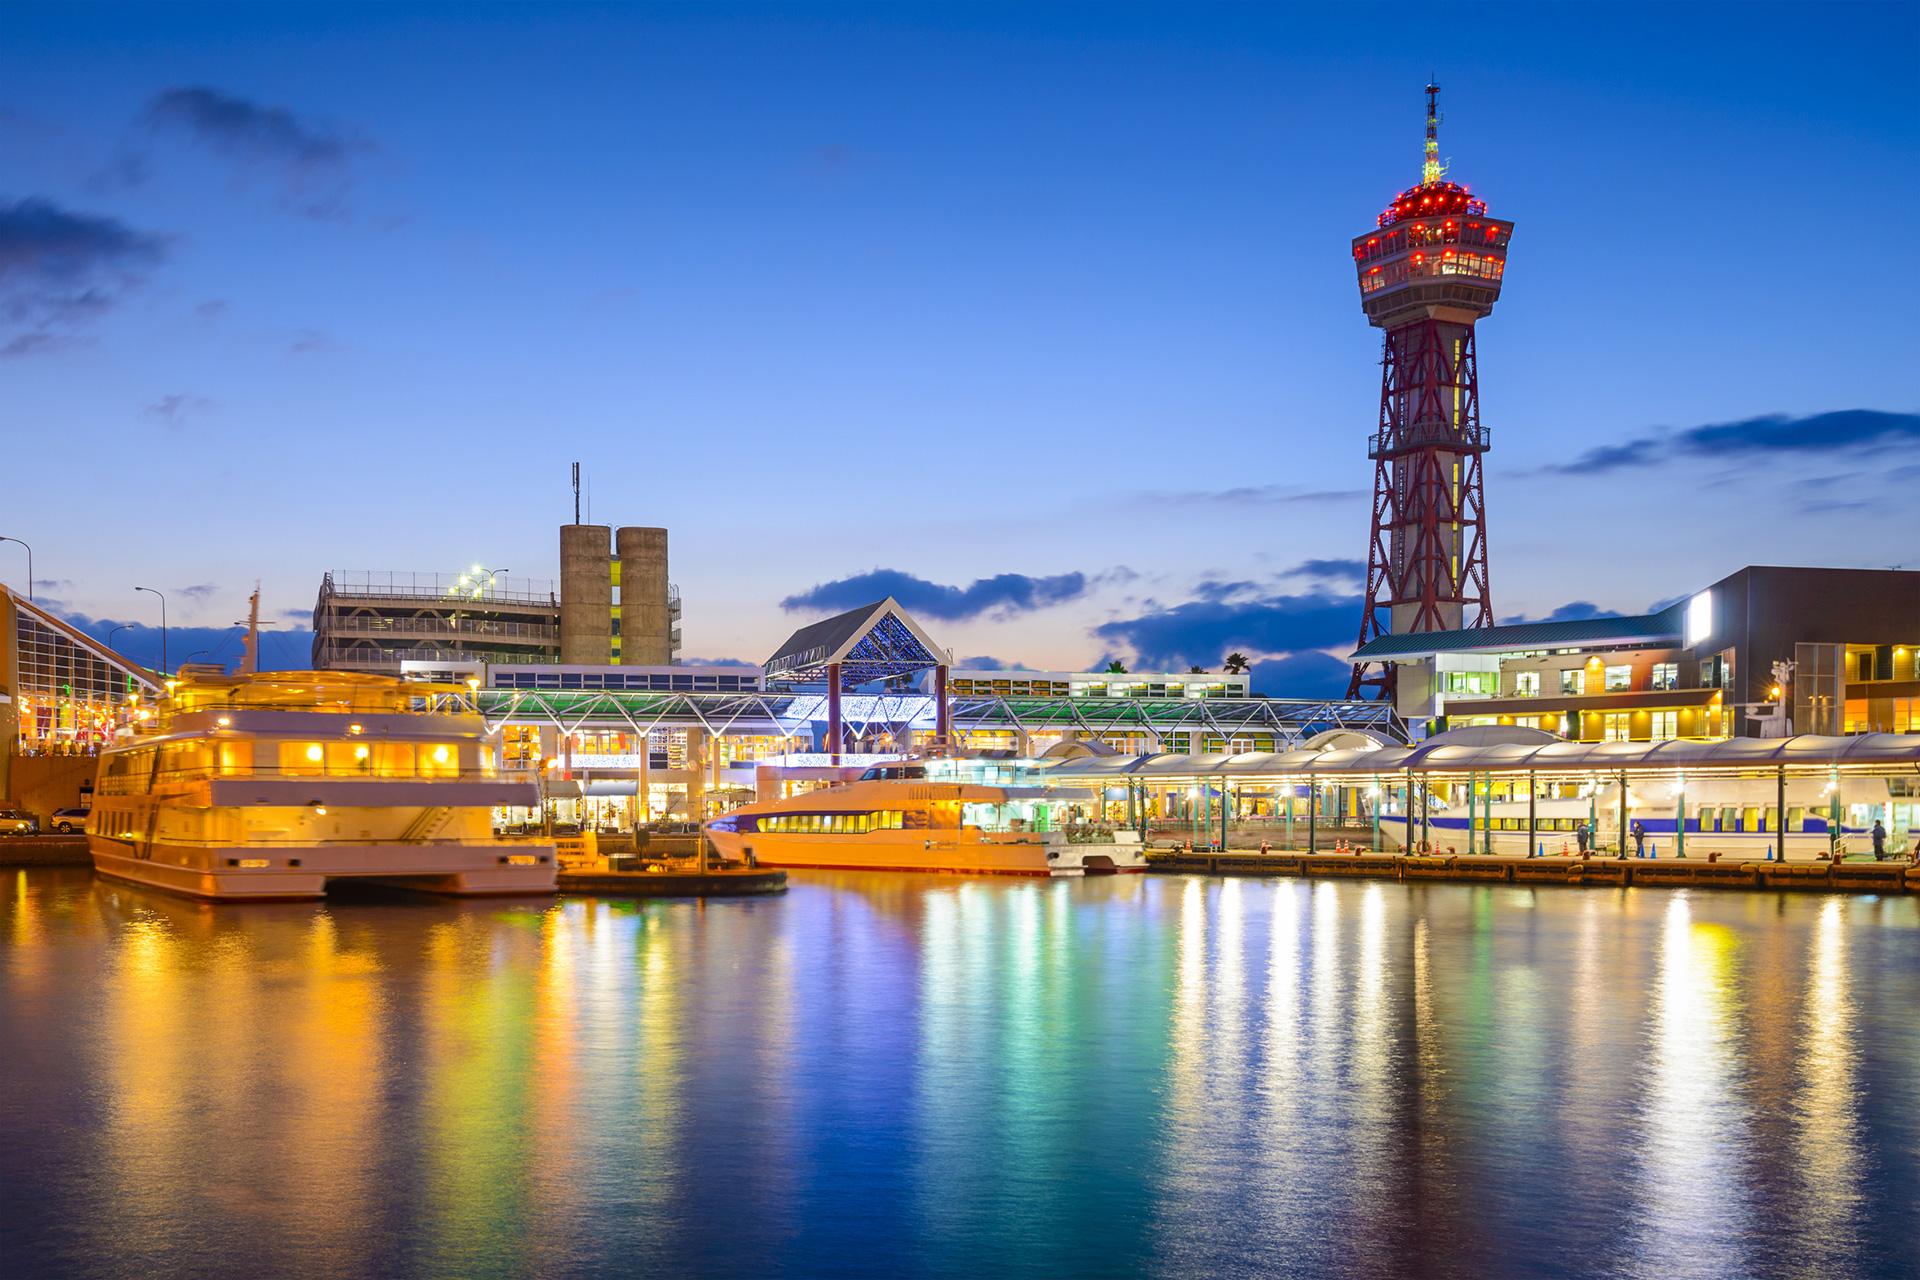 【私家团】日本南九州海陆空秘境寻踪温泉私享5-9日游